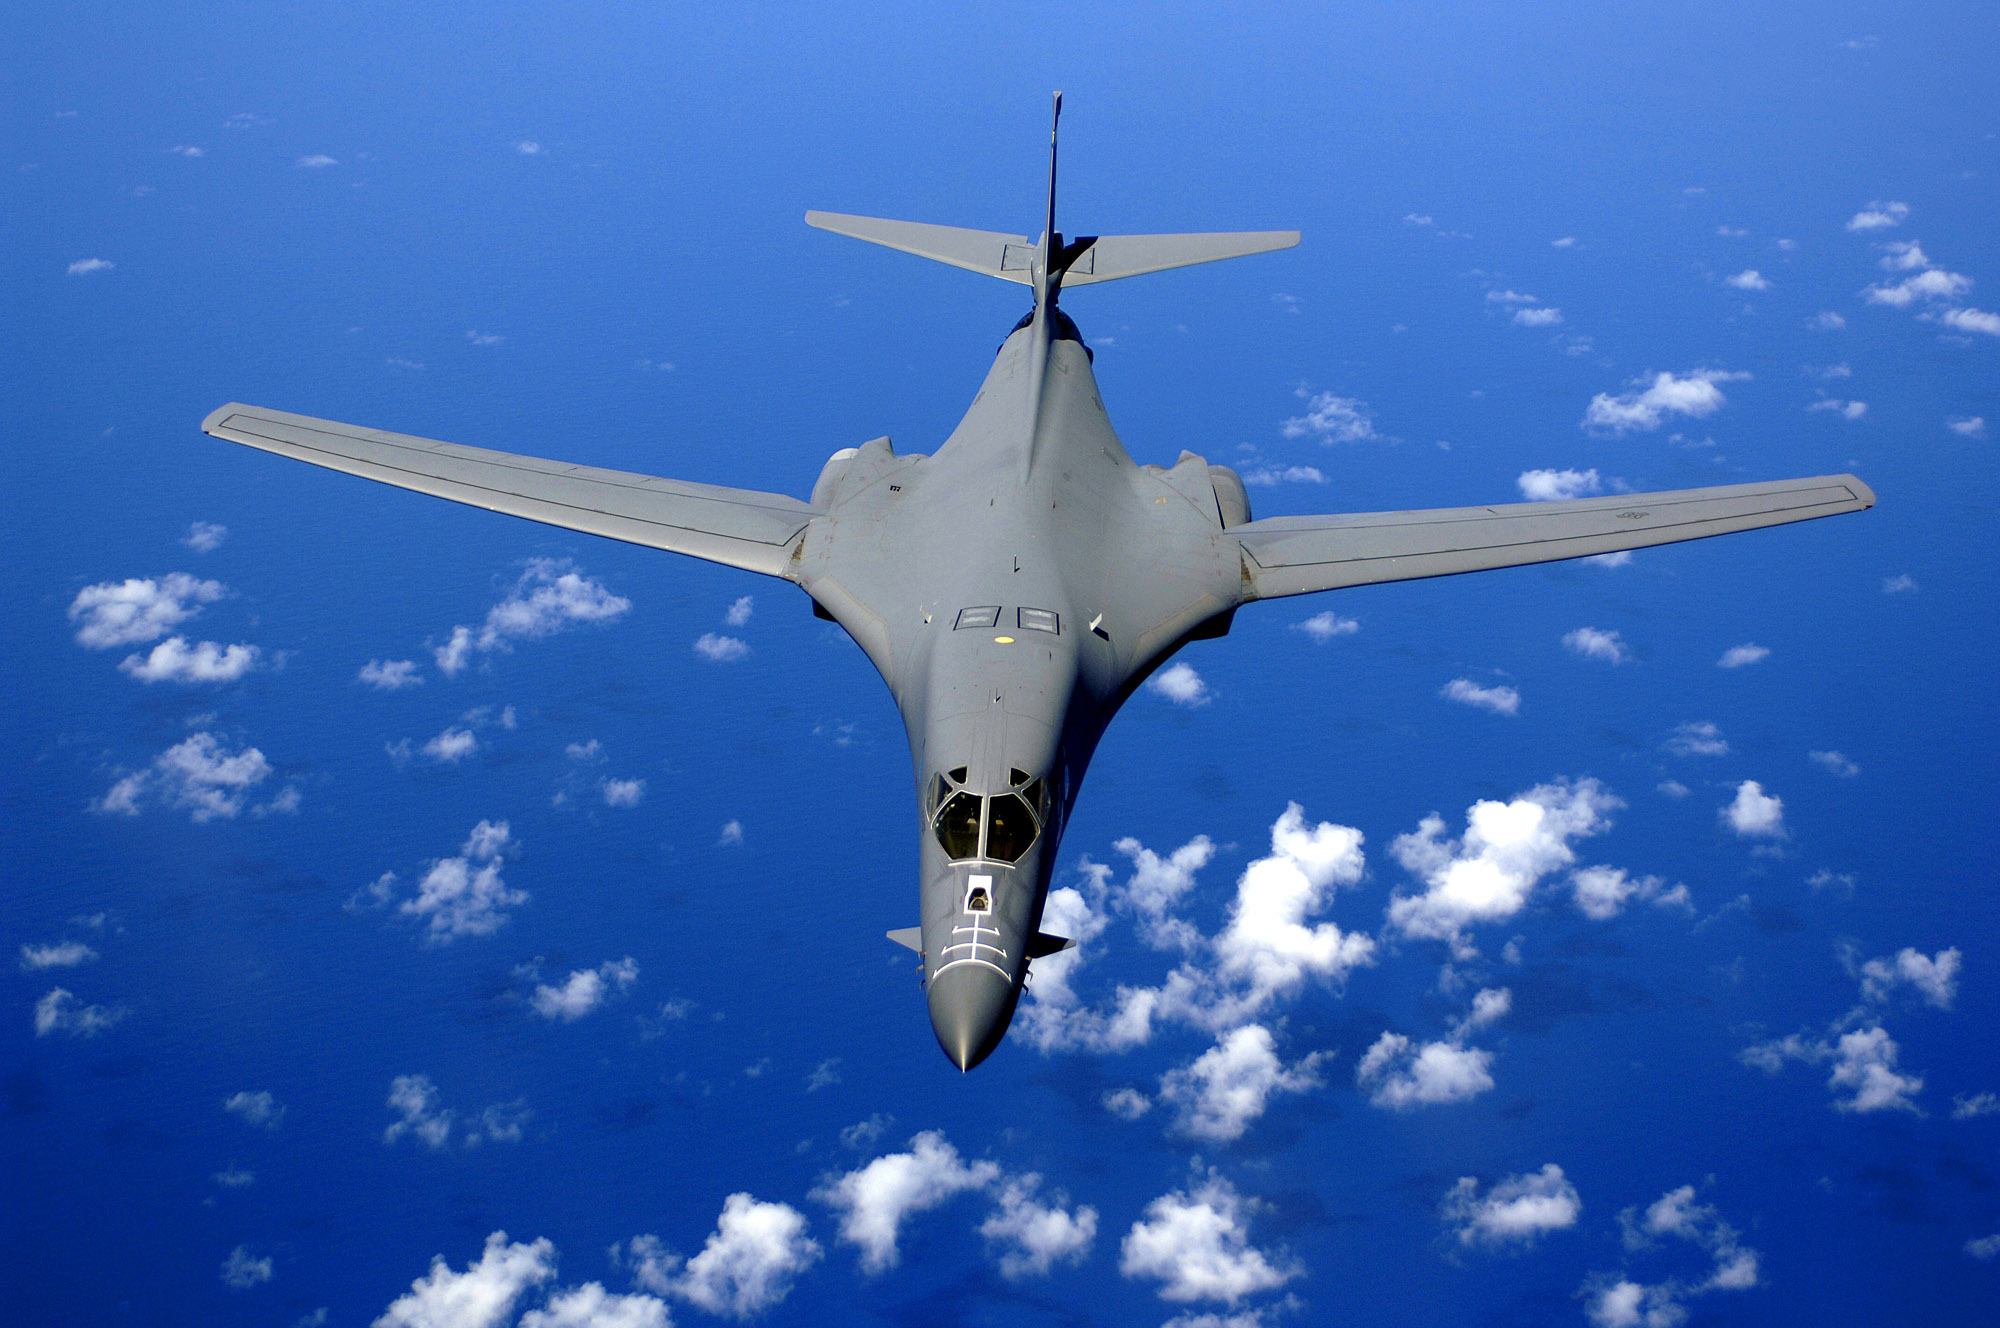 США решили избавиться от бомбардировщиков B-1B к 2036 году